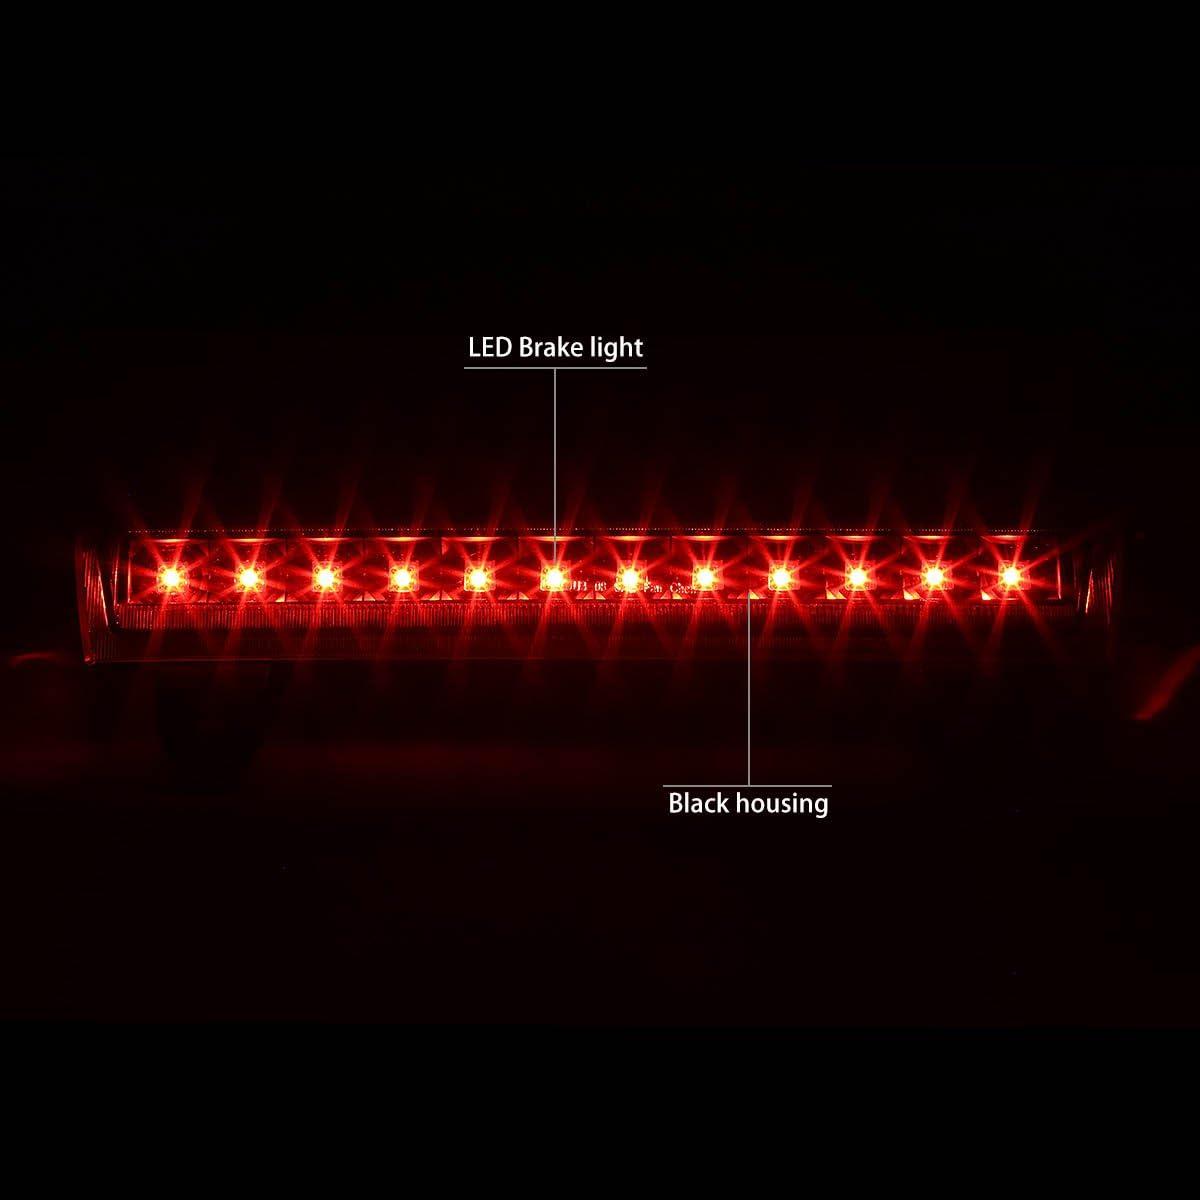 DNA MOTORING 3BL-GMCD00-LED-BK-SM Third Brake Light